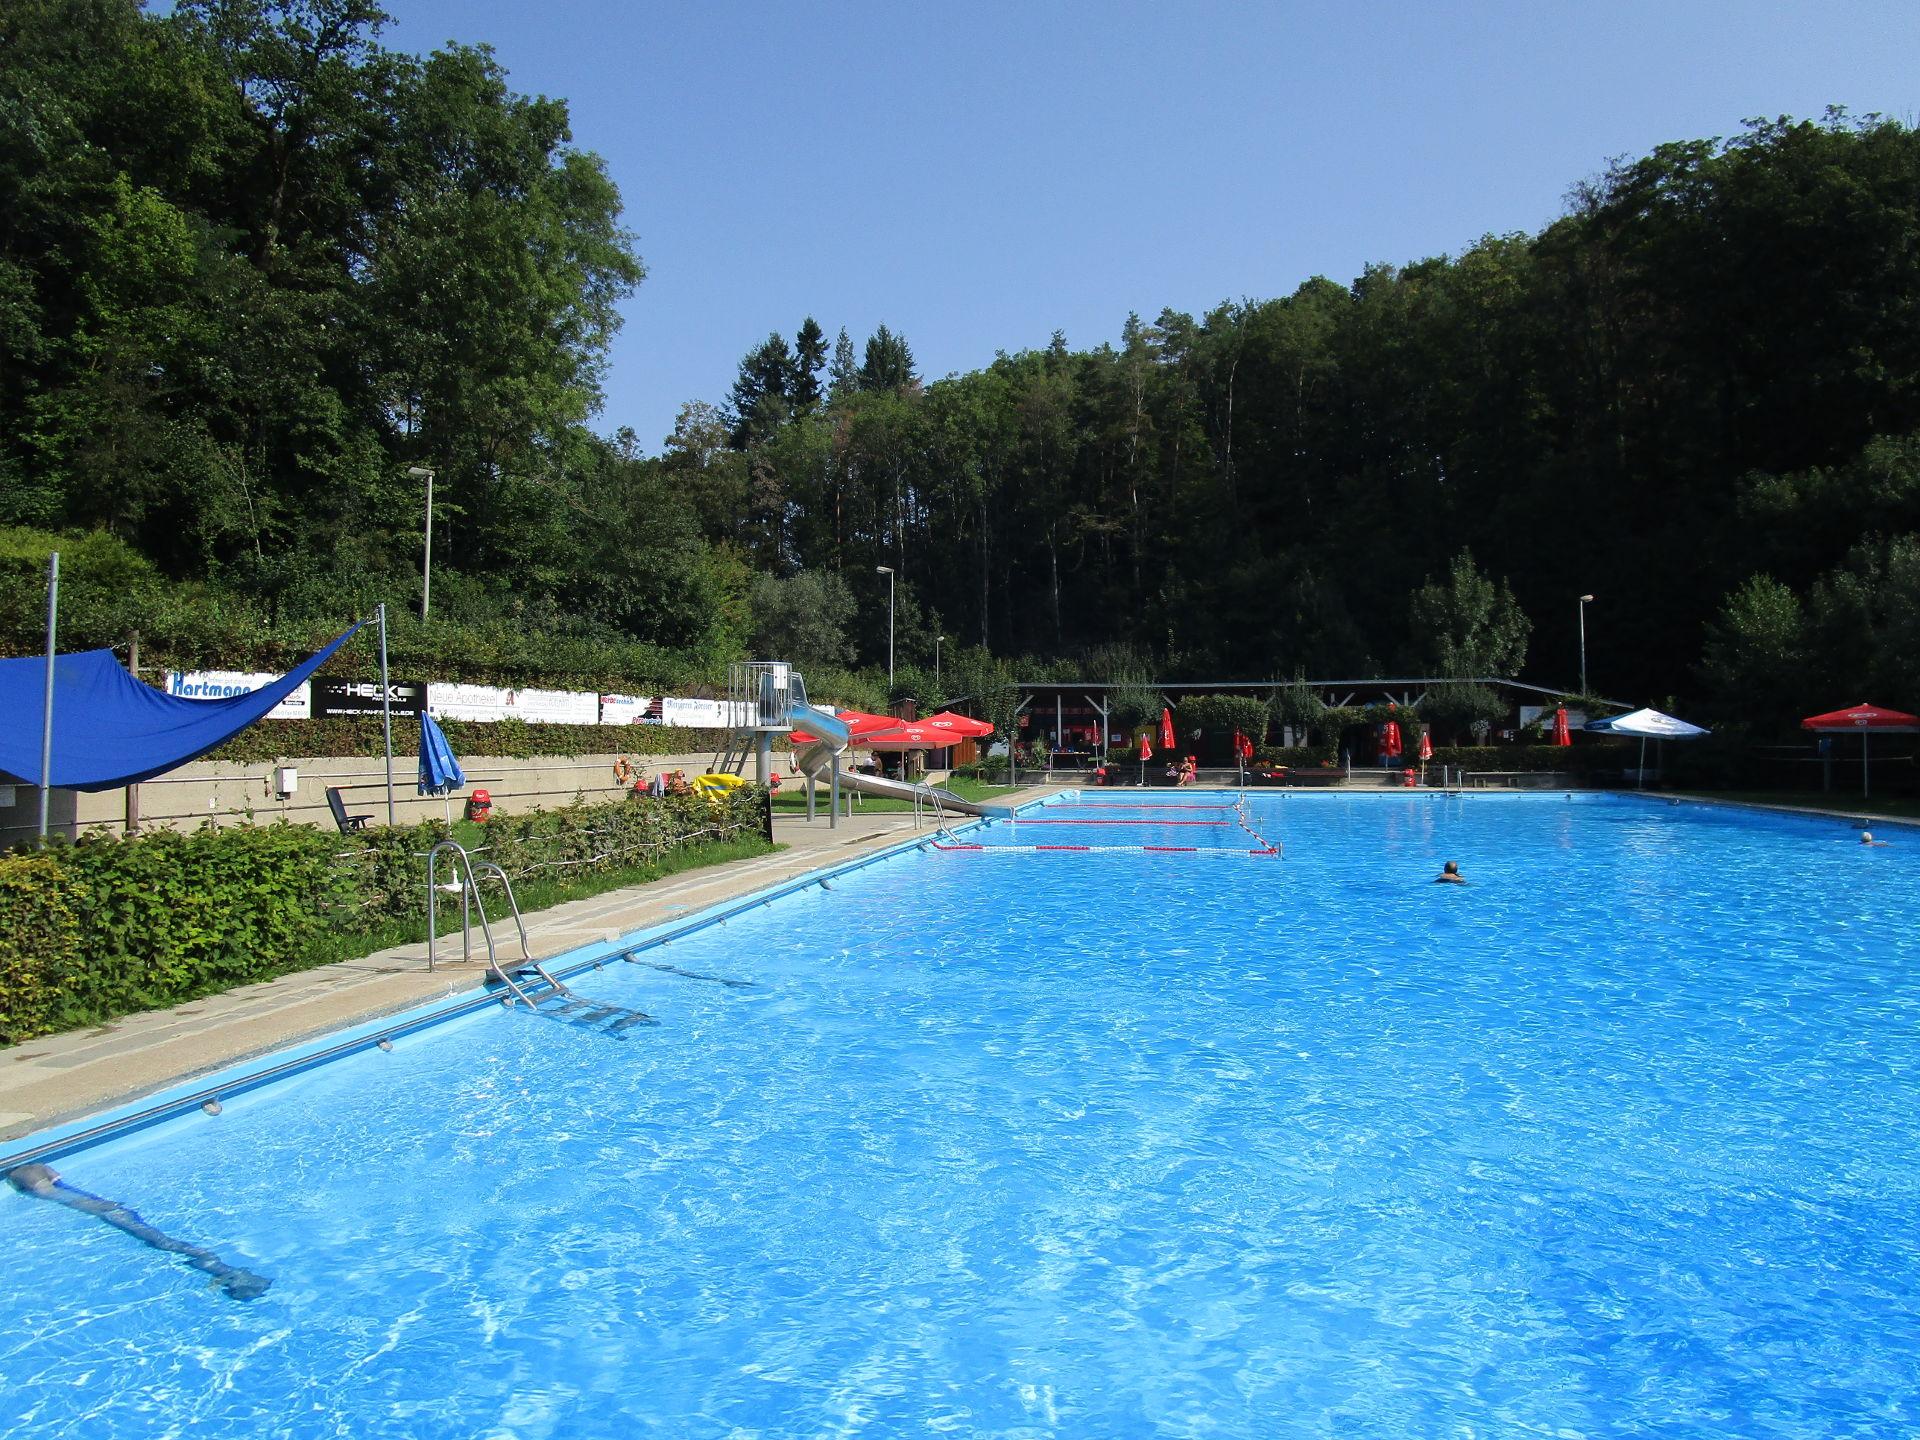 Freibad Gräfenberg Becken